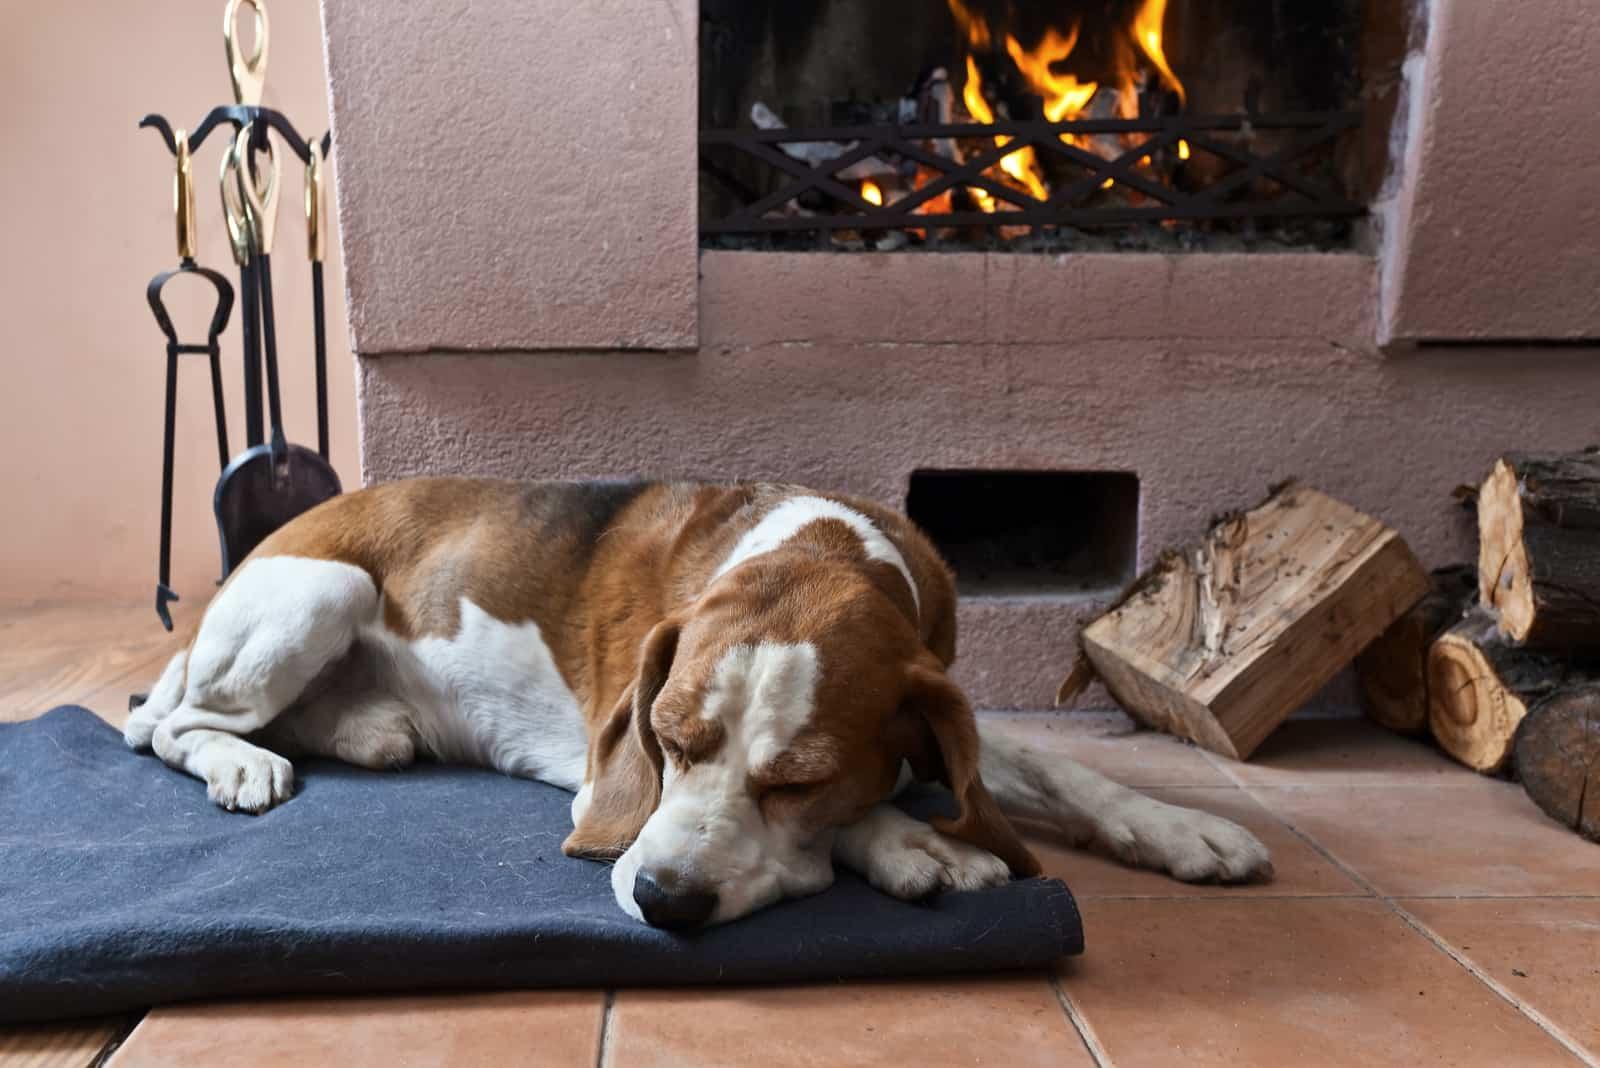 Hund ruht in der Nähe eines warmen Kamins